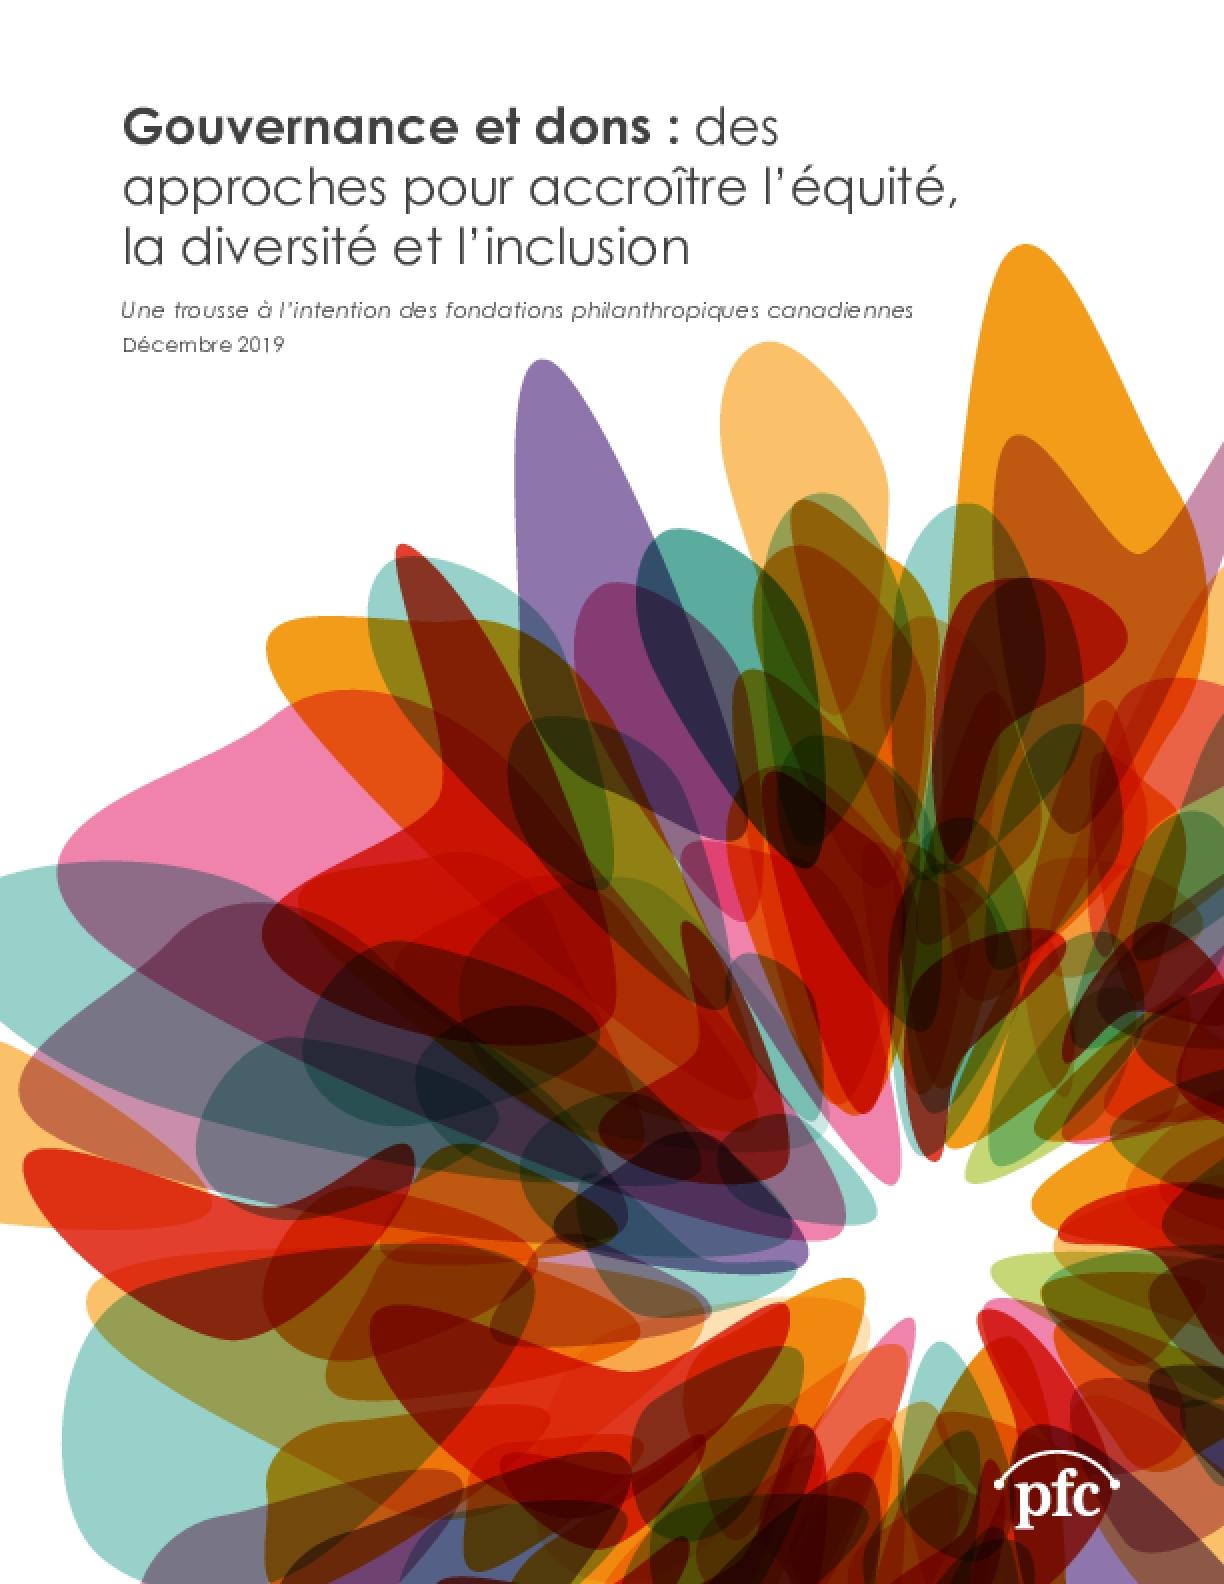 Gouvernance et dons : des approches pour accroître l'équité, la diversité et l'inclusion